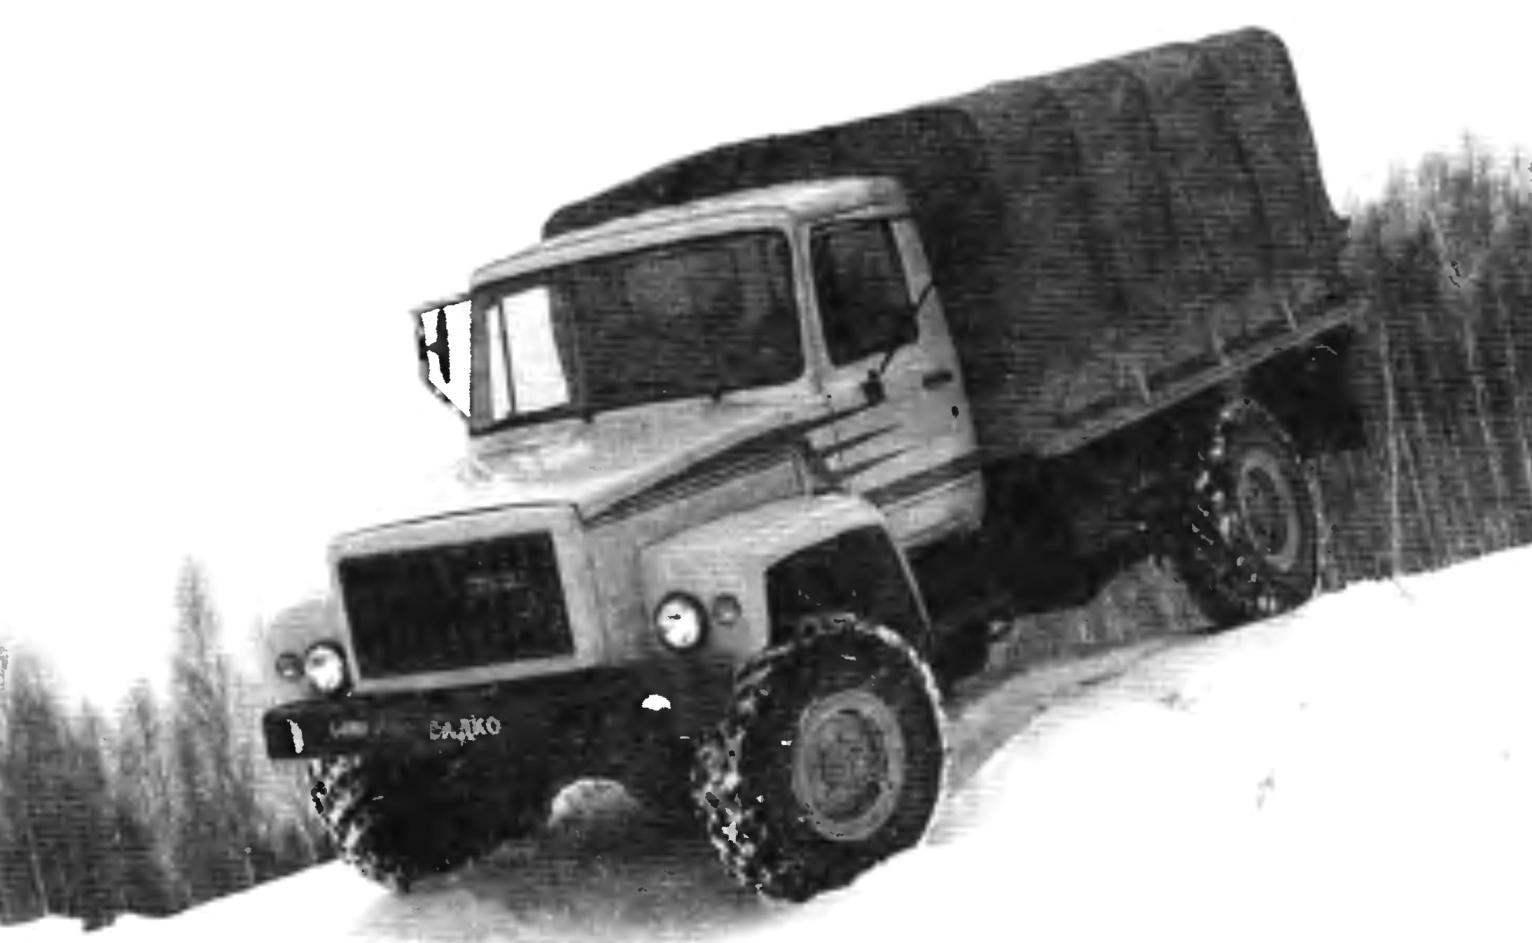 Гражданская модификация полноприводного автомобиля «Садко»